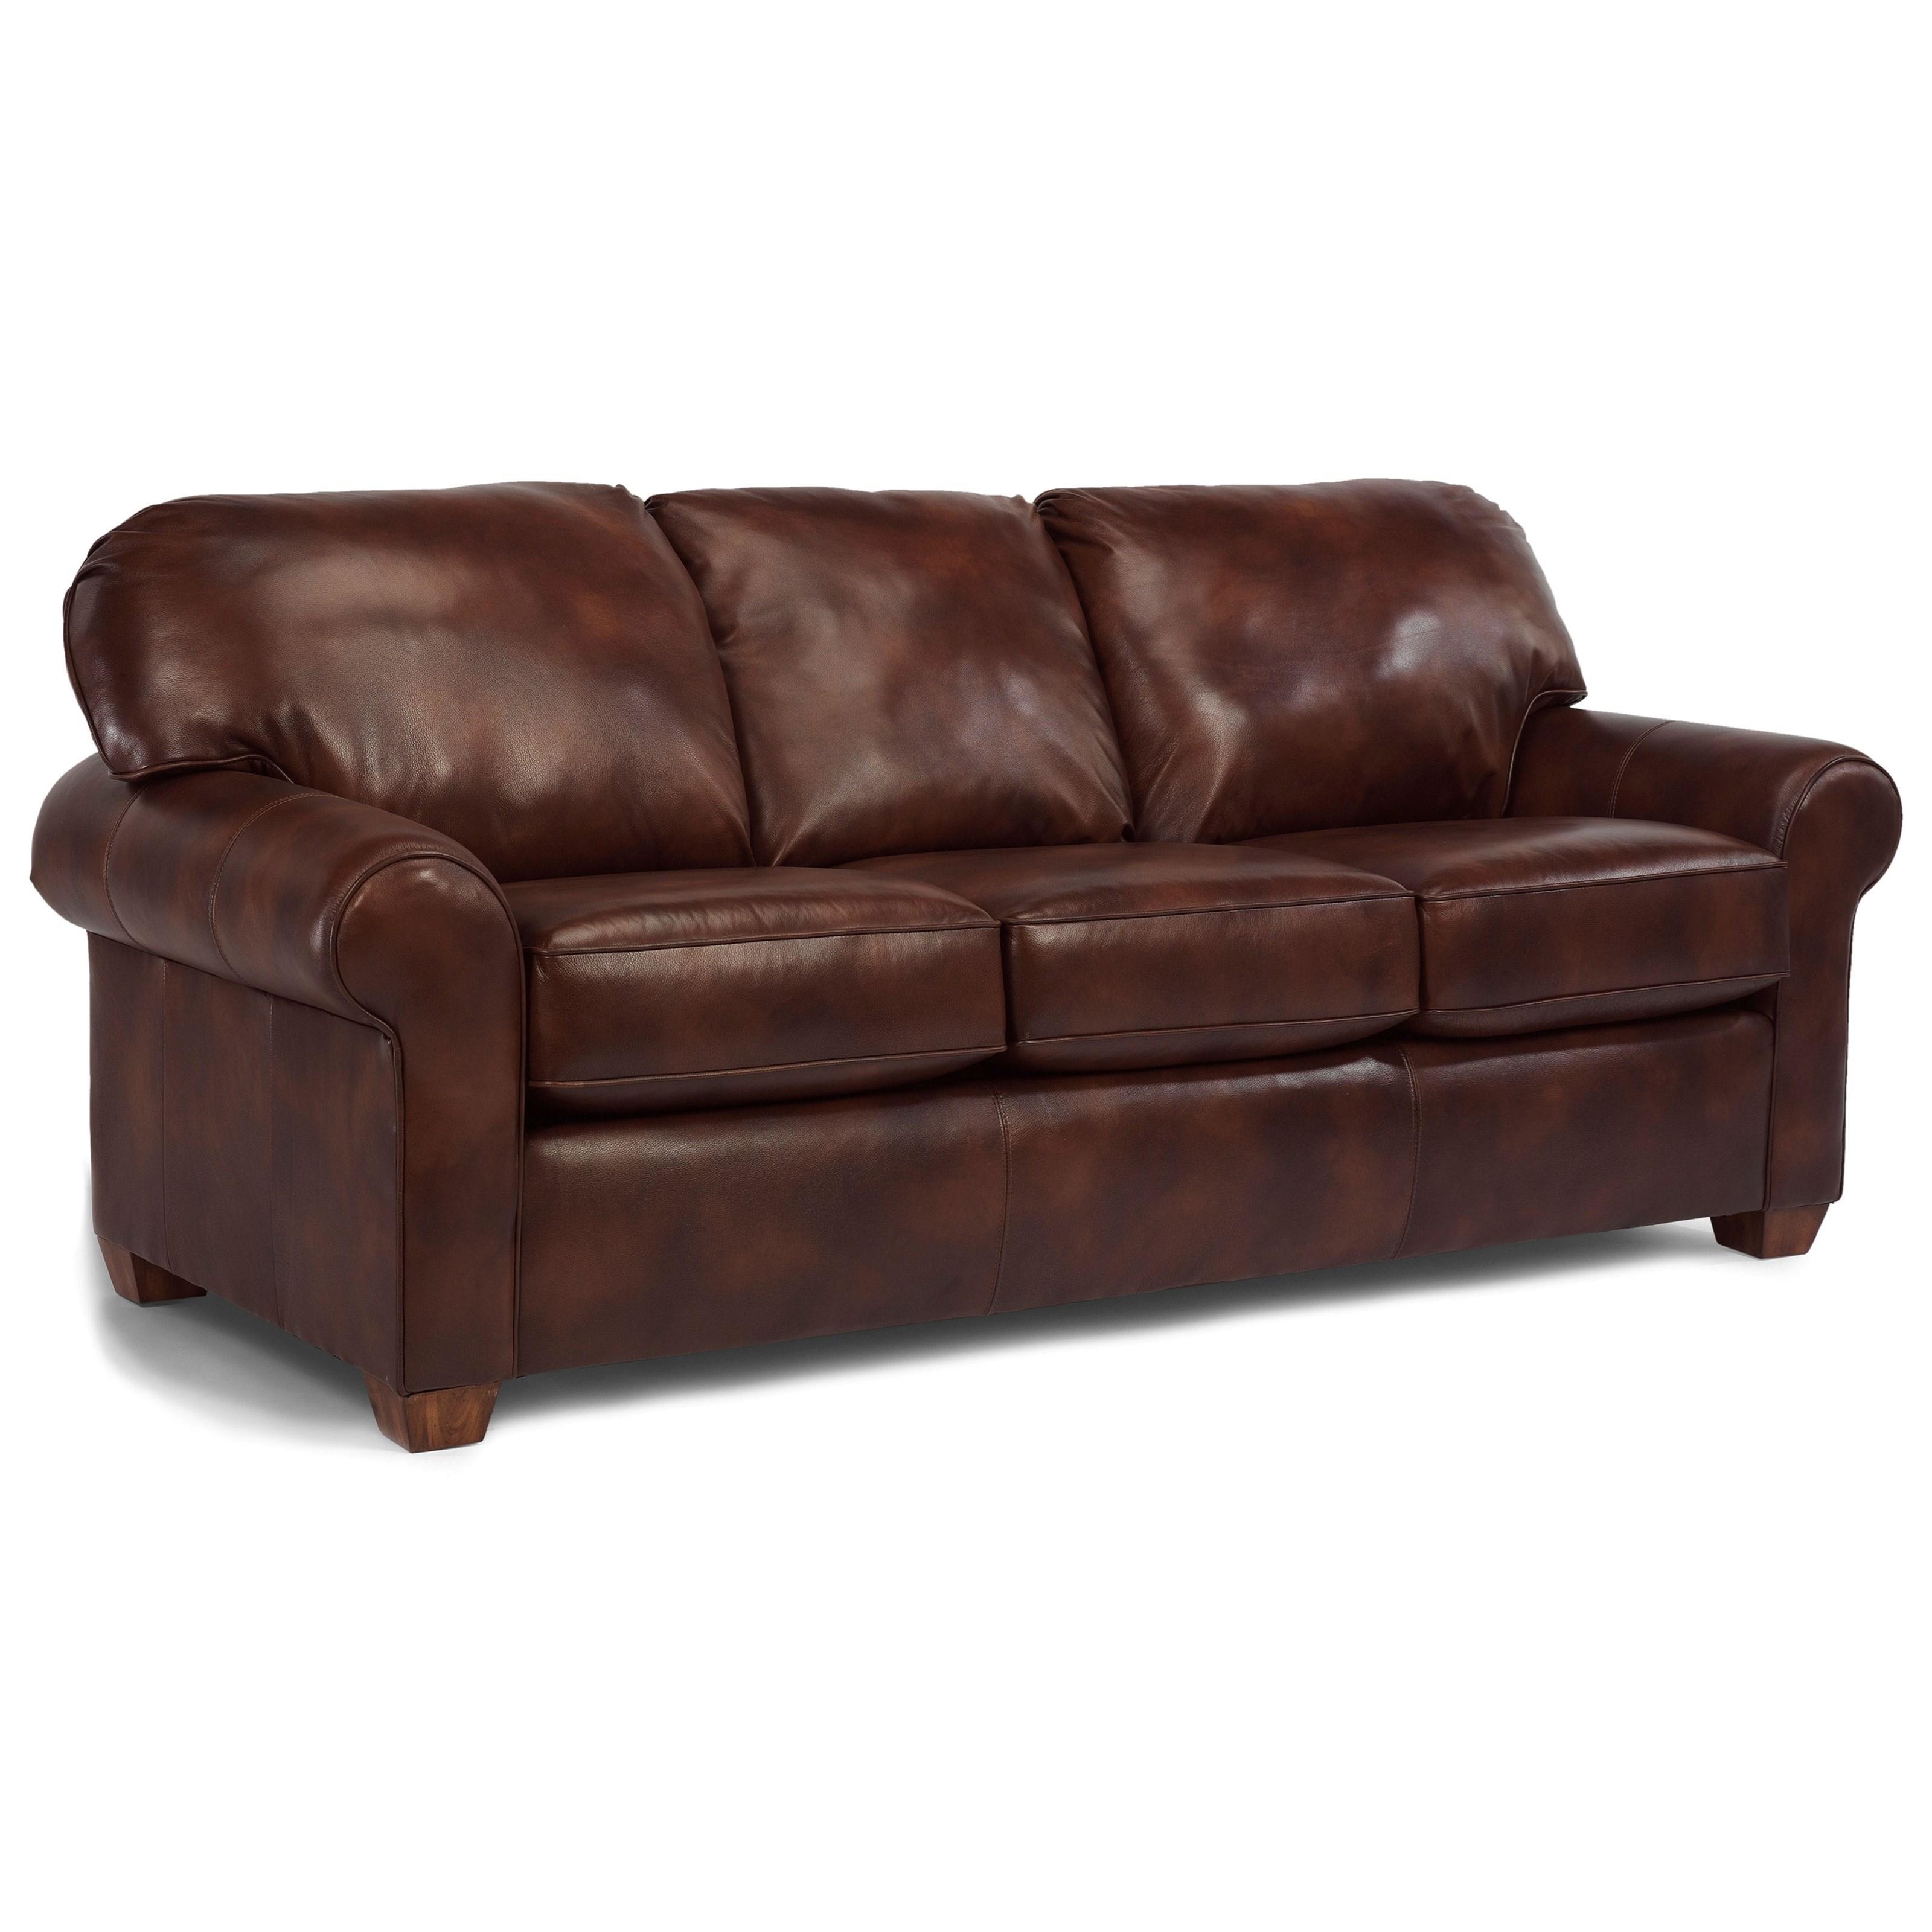 Flexsteel Vail Sofa Price: Flexsteel Thornton 3535-31 Stationary Upholstered Sofa